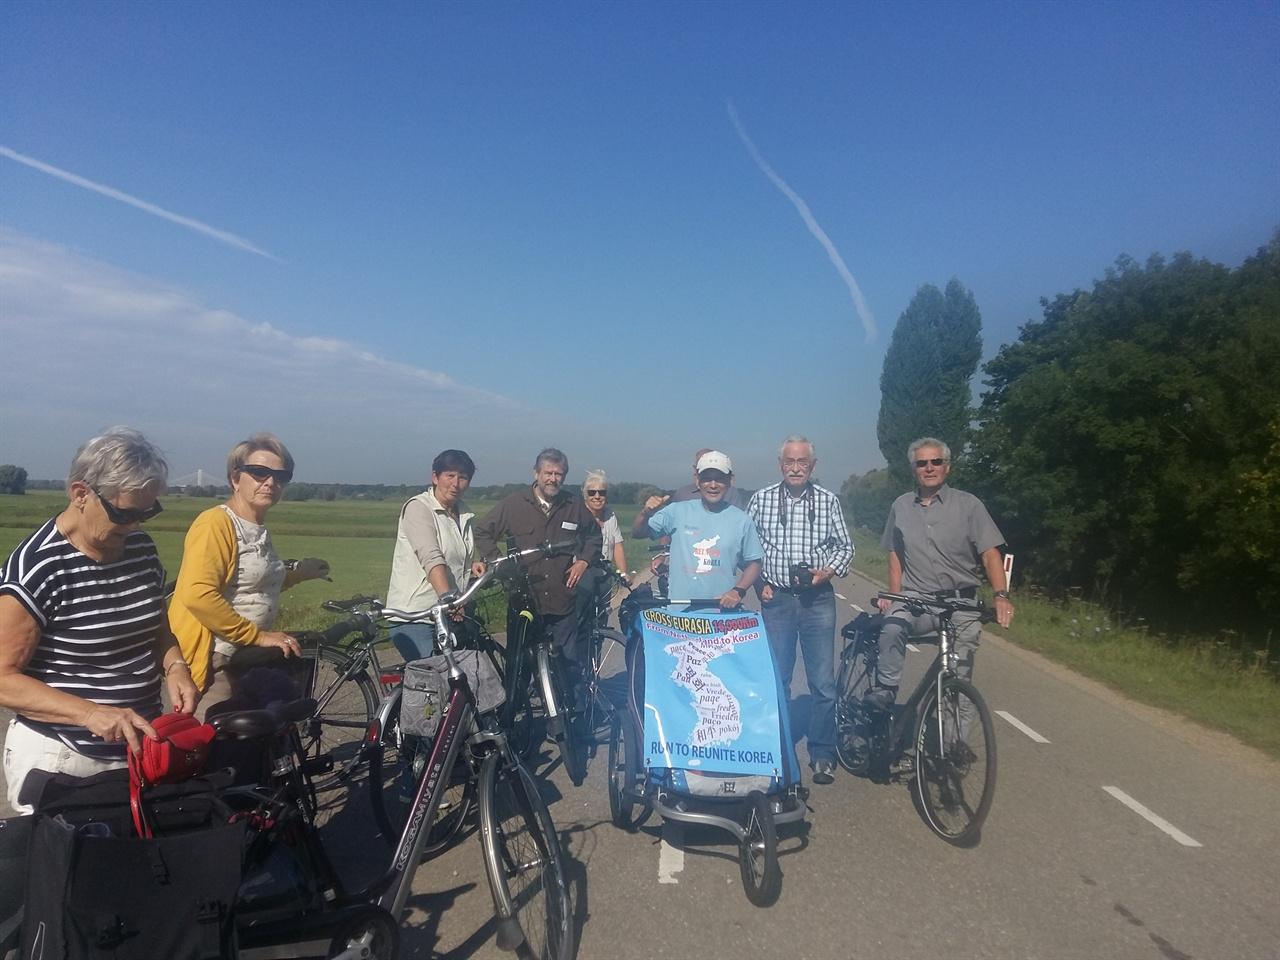 강둑을 달리며 만난 사람들 네덜란드에서는 왈 강이라고 부르고 독일 국경을 넘으면 라인 강이라 불리는 강둑을 달리면서 만난 사람들